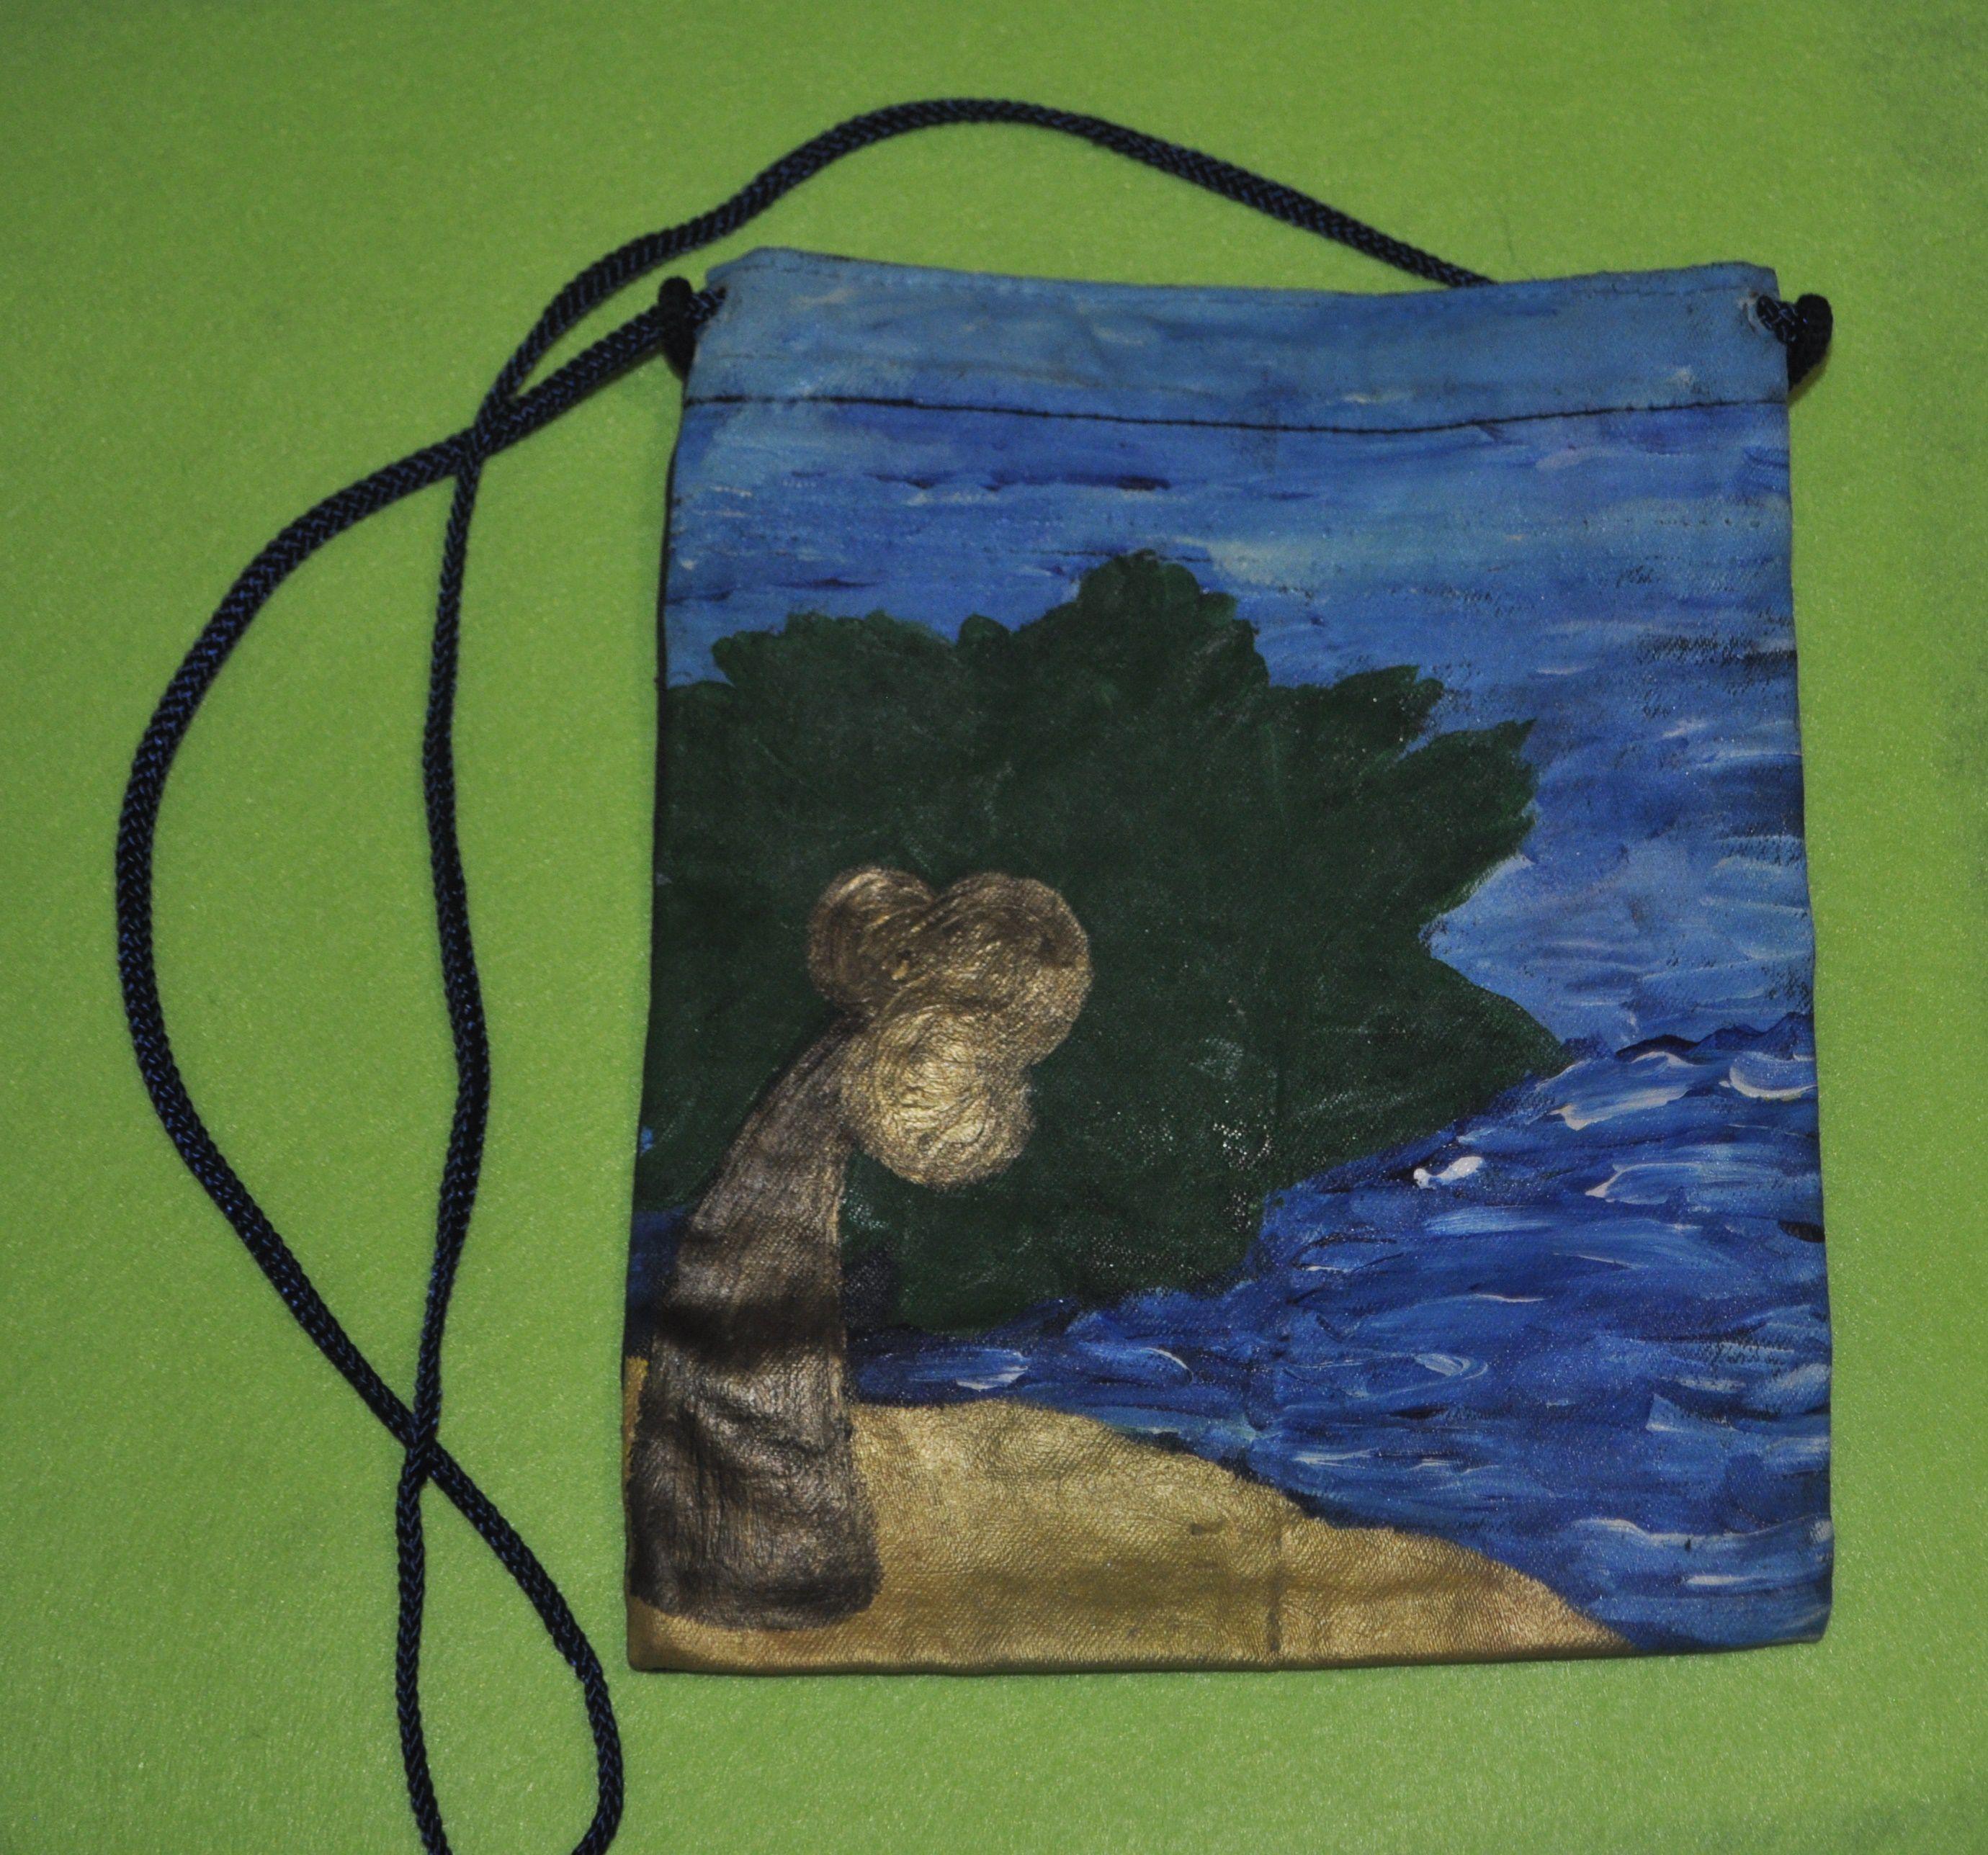 кошелек путешествия сезон женские креативный 2019 для яркий сумка лето кошельки путешествий сумки креативные котоновая котоновый